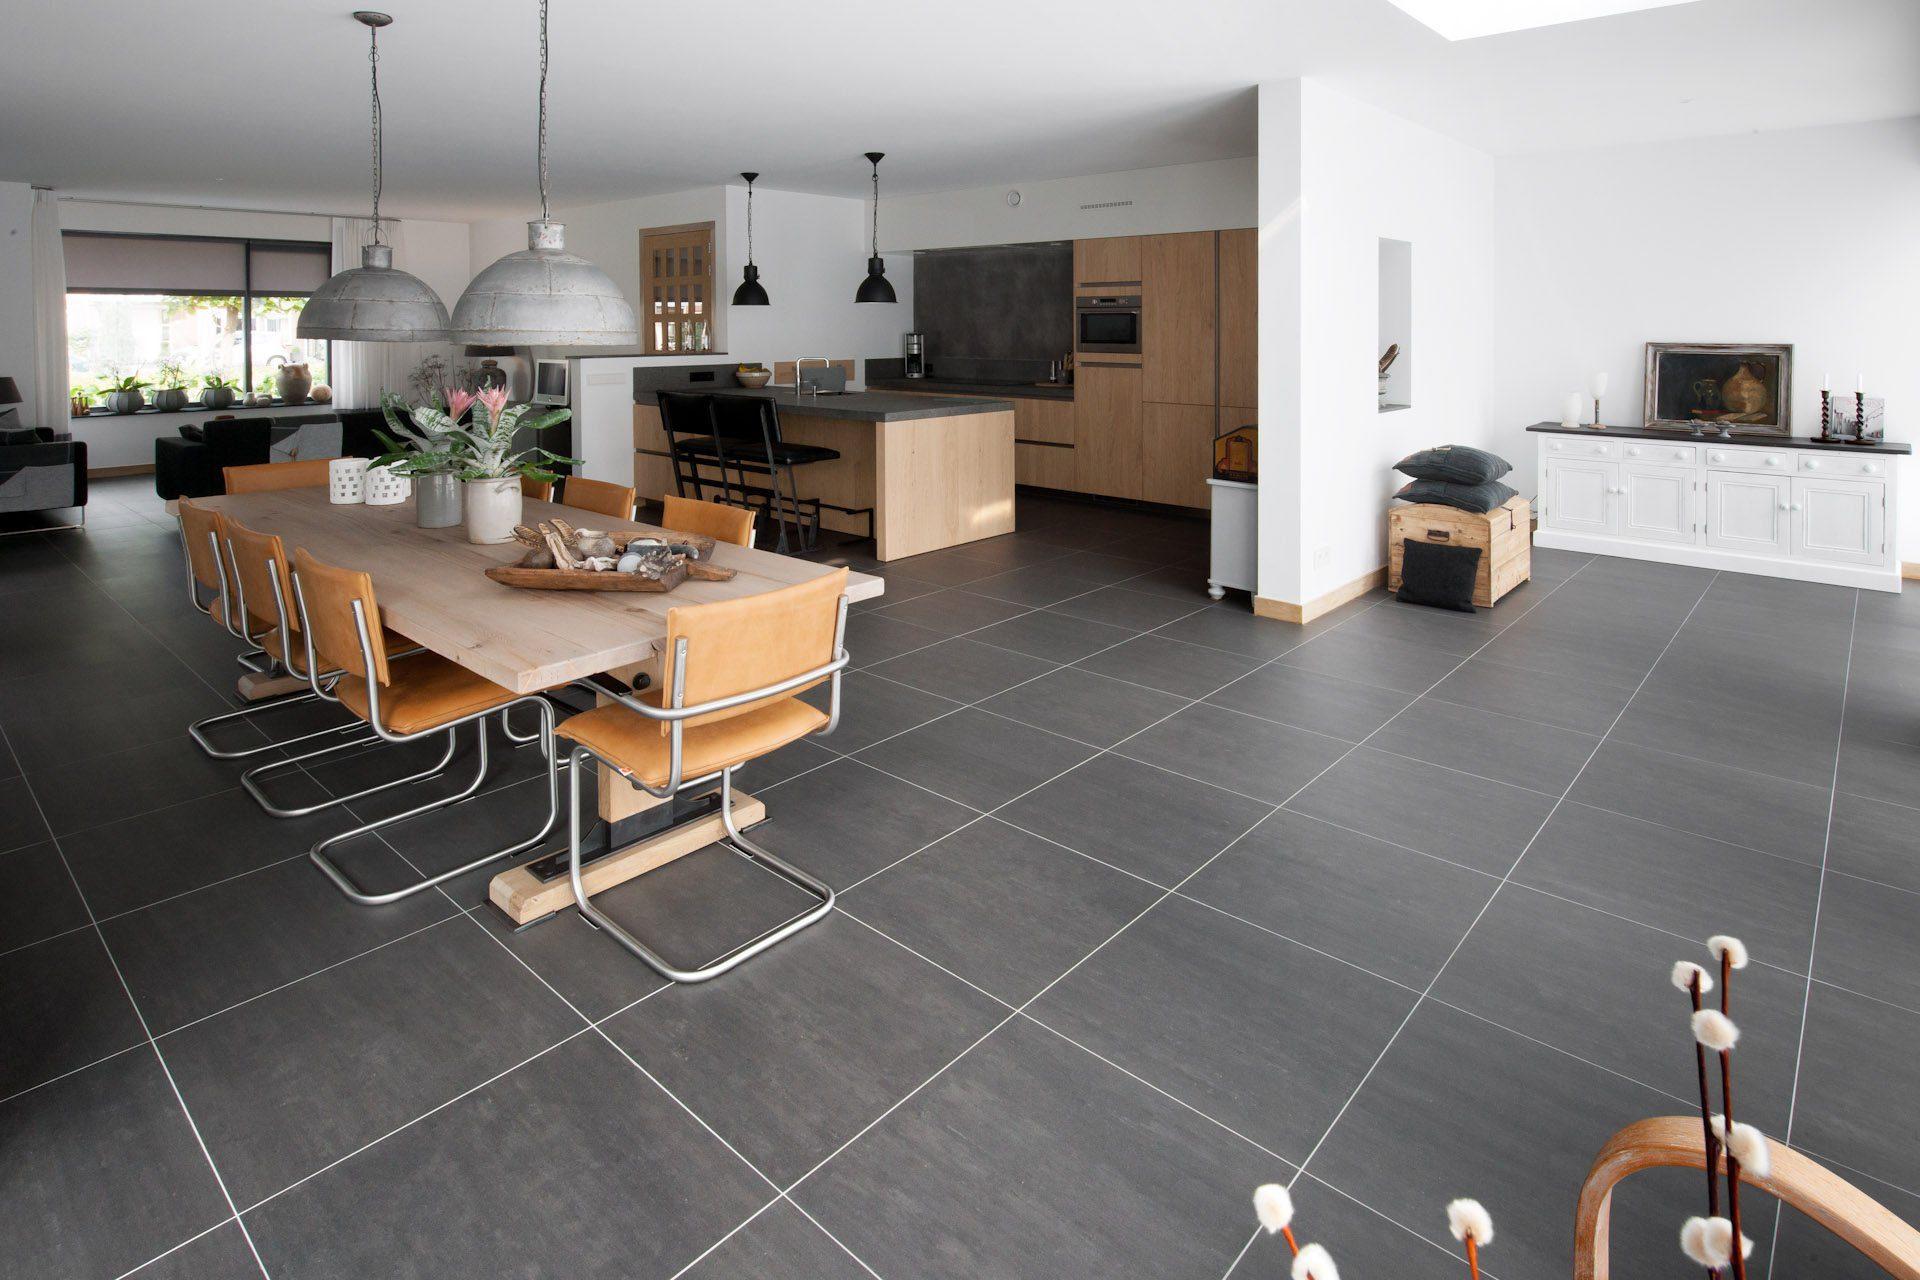 Grijze vloertegels in Hardinxveld-Giessendam - KROON Vloeren in Steen